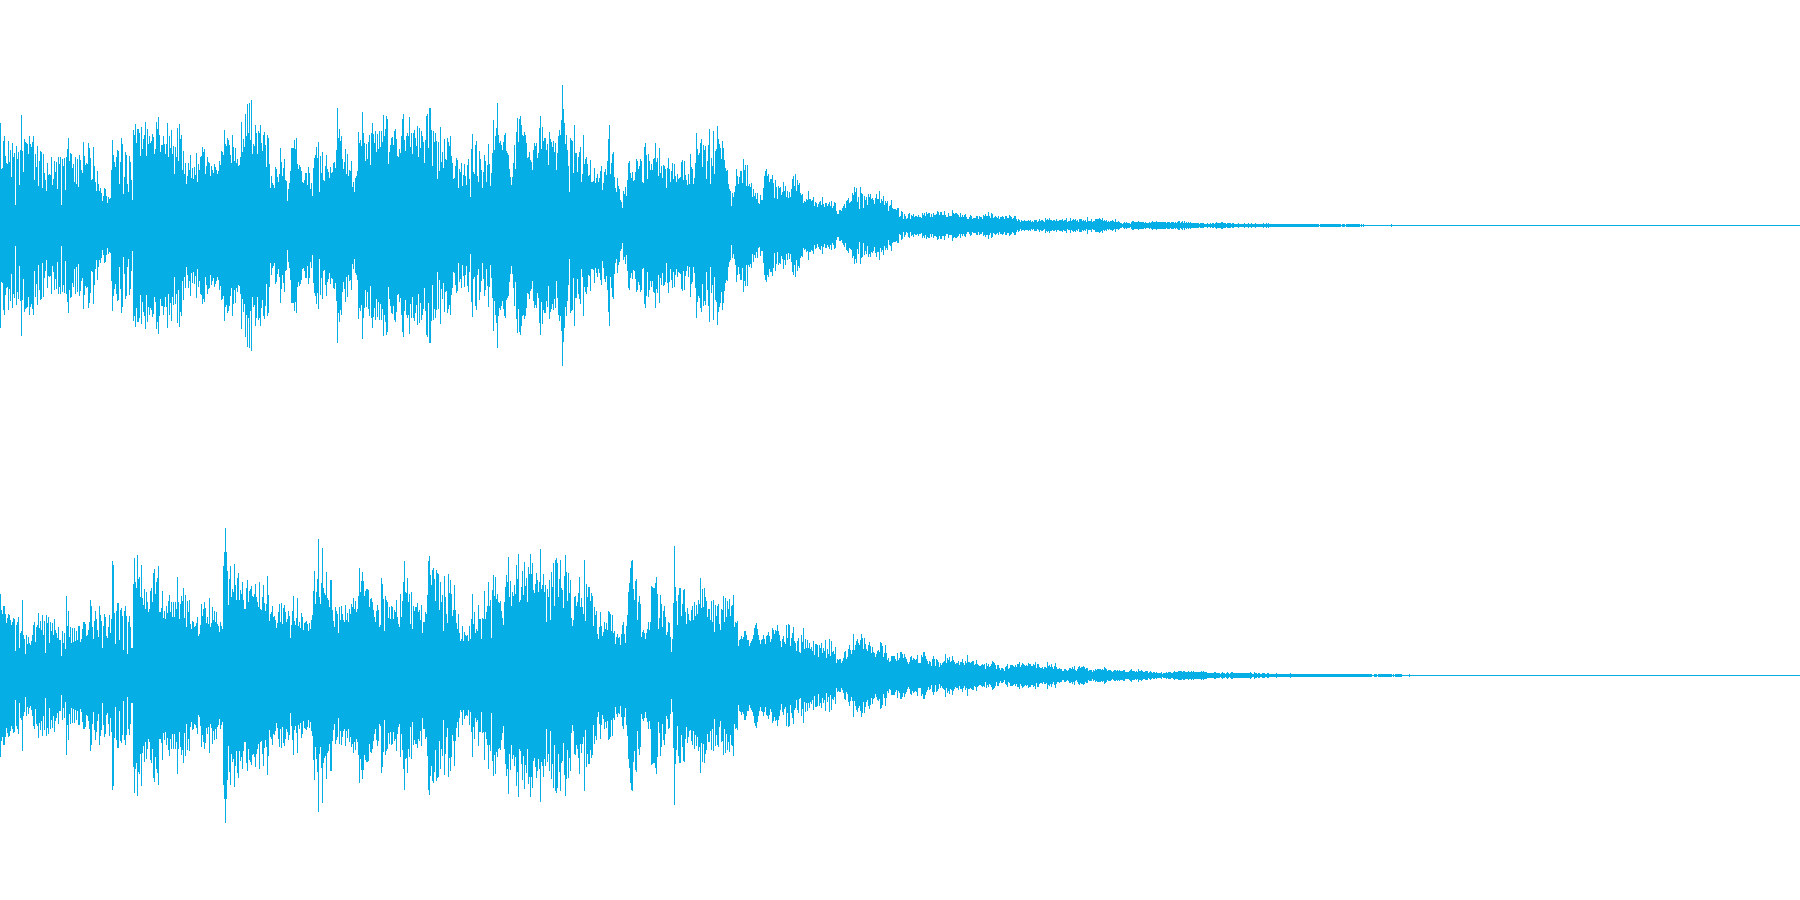 近未来風シンセアルペジオのジングル1の再生済みの波形